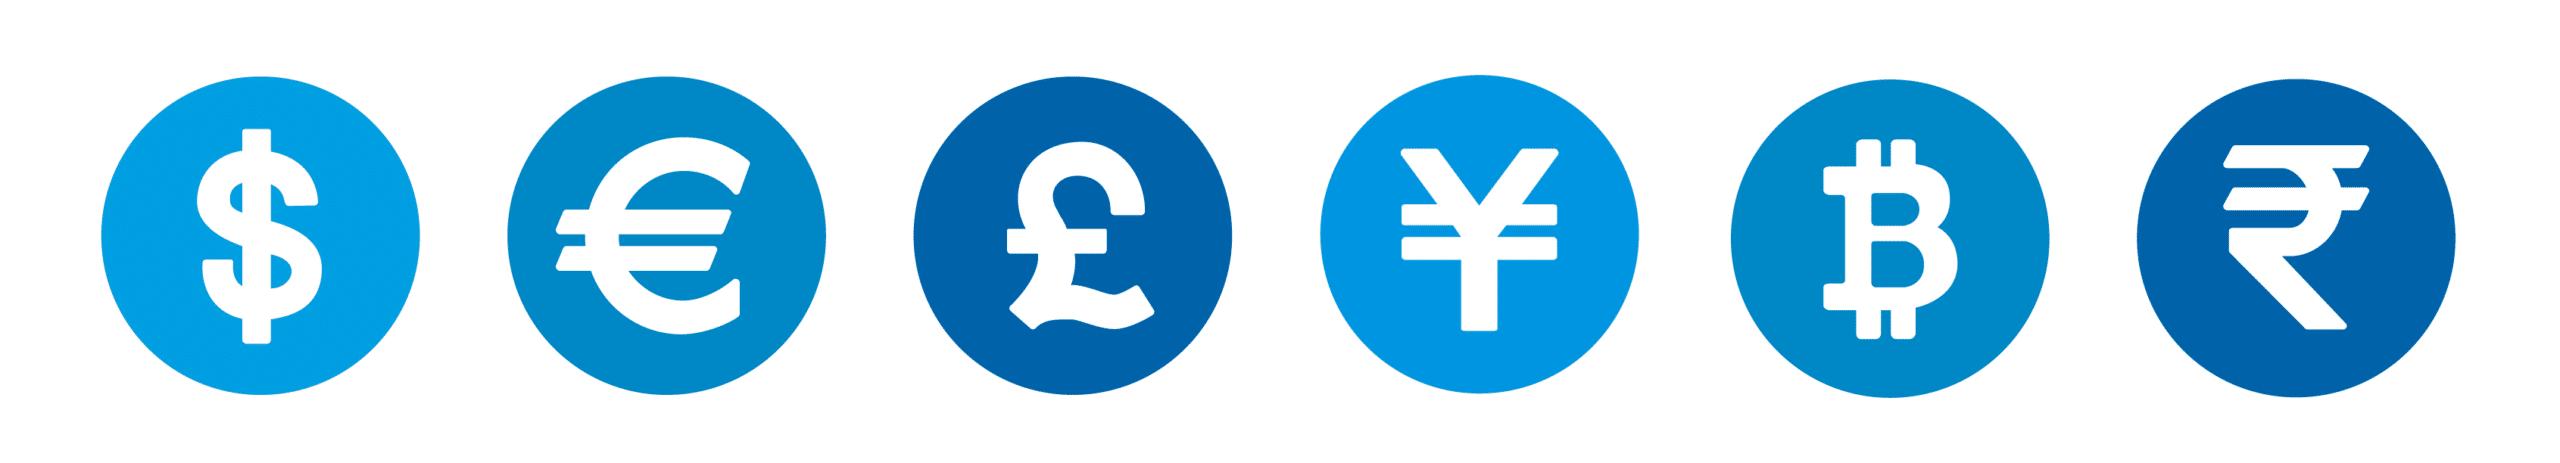 Meerdere valuta